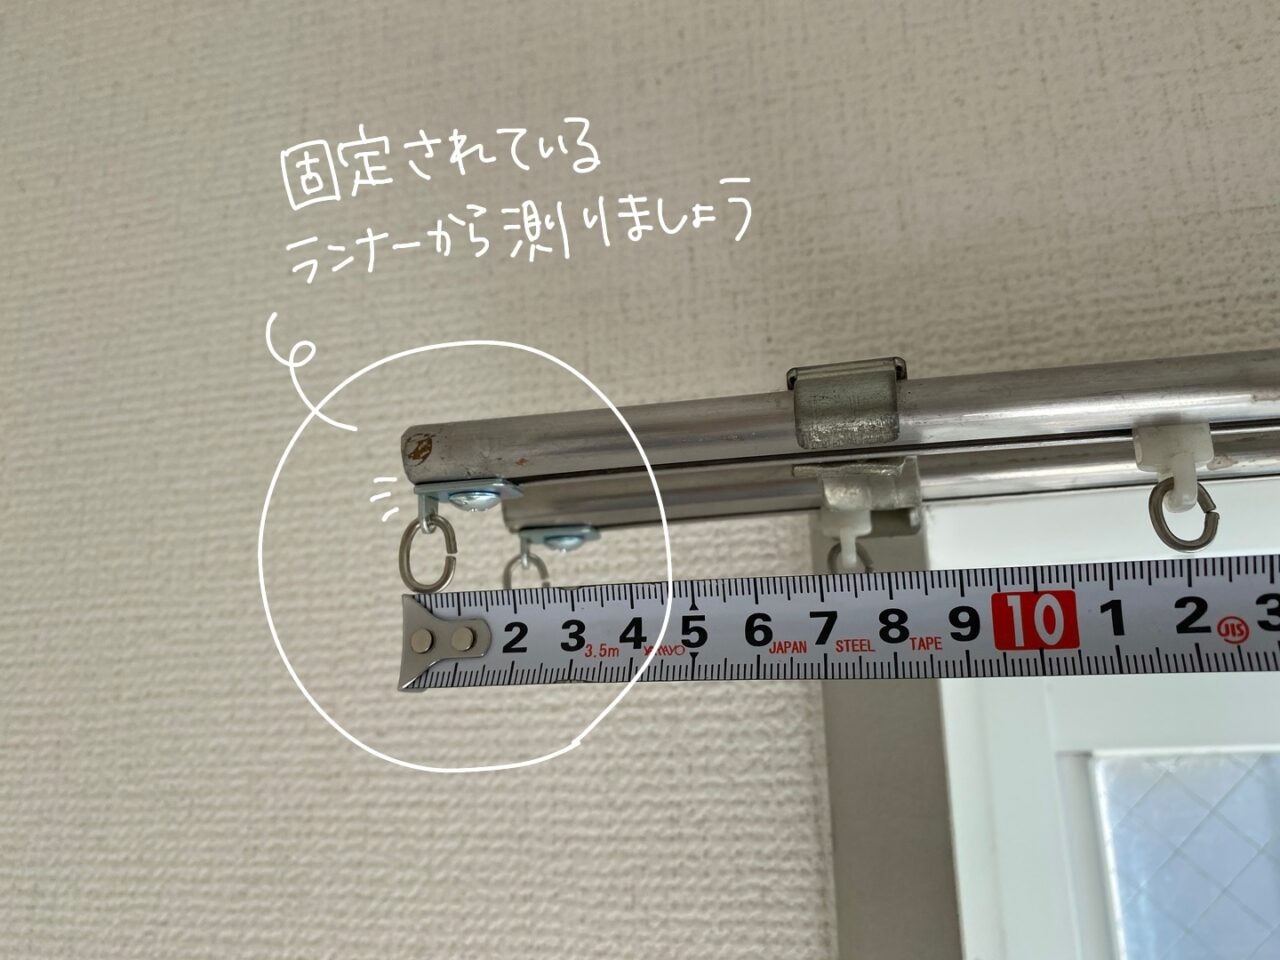 カーテンの幅の測り方